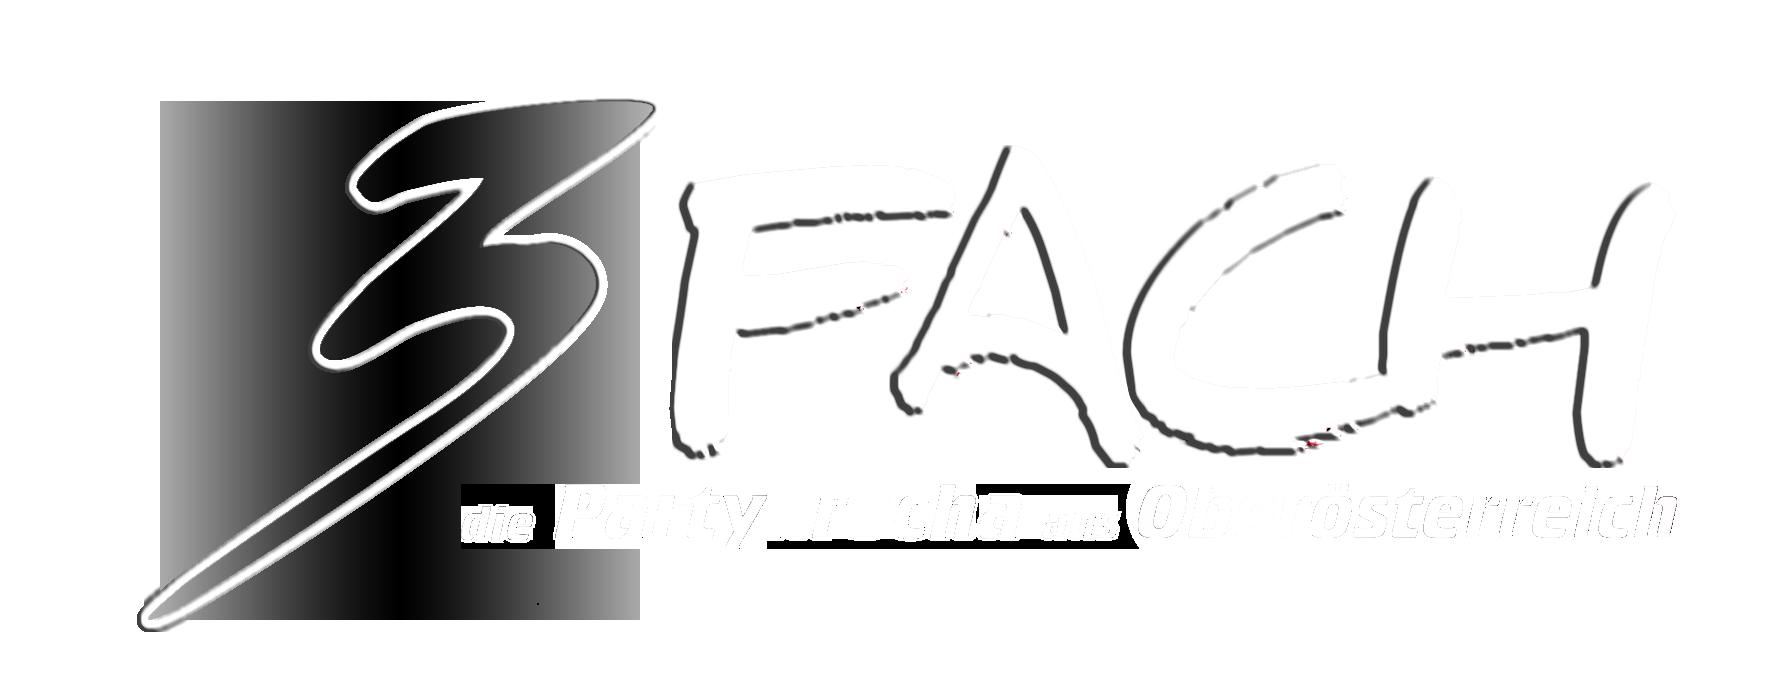 3Fach - Die Partykrocha aus Oberösterreich!